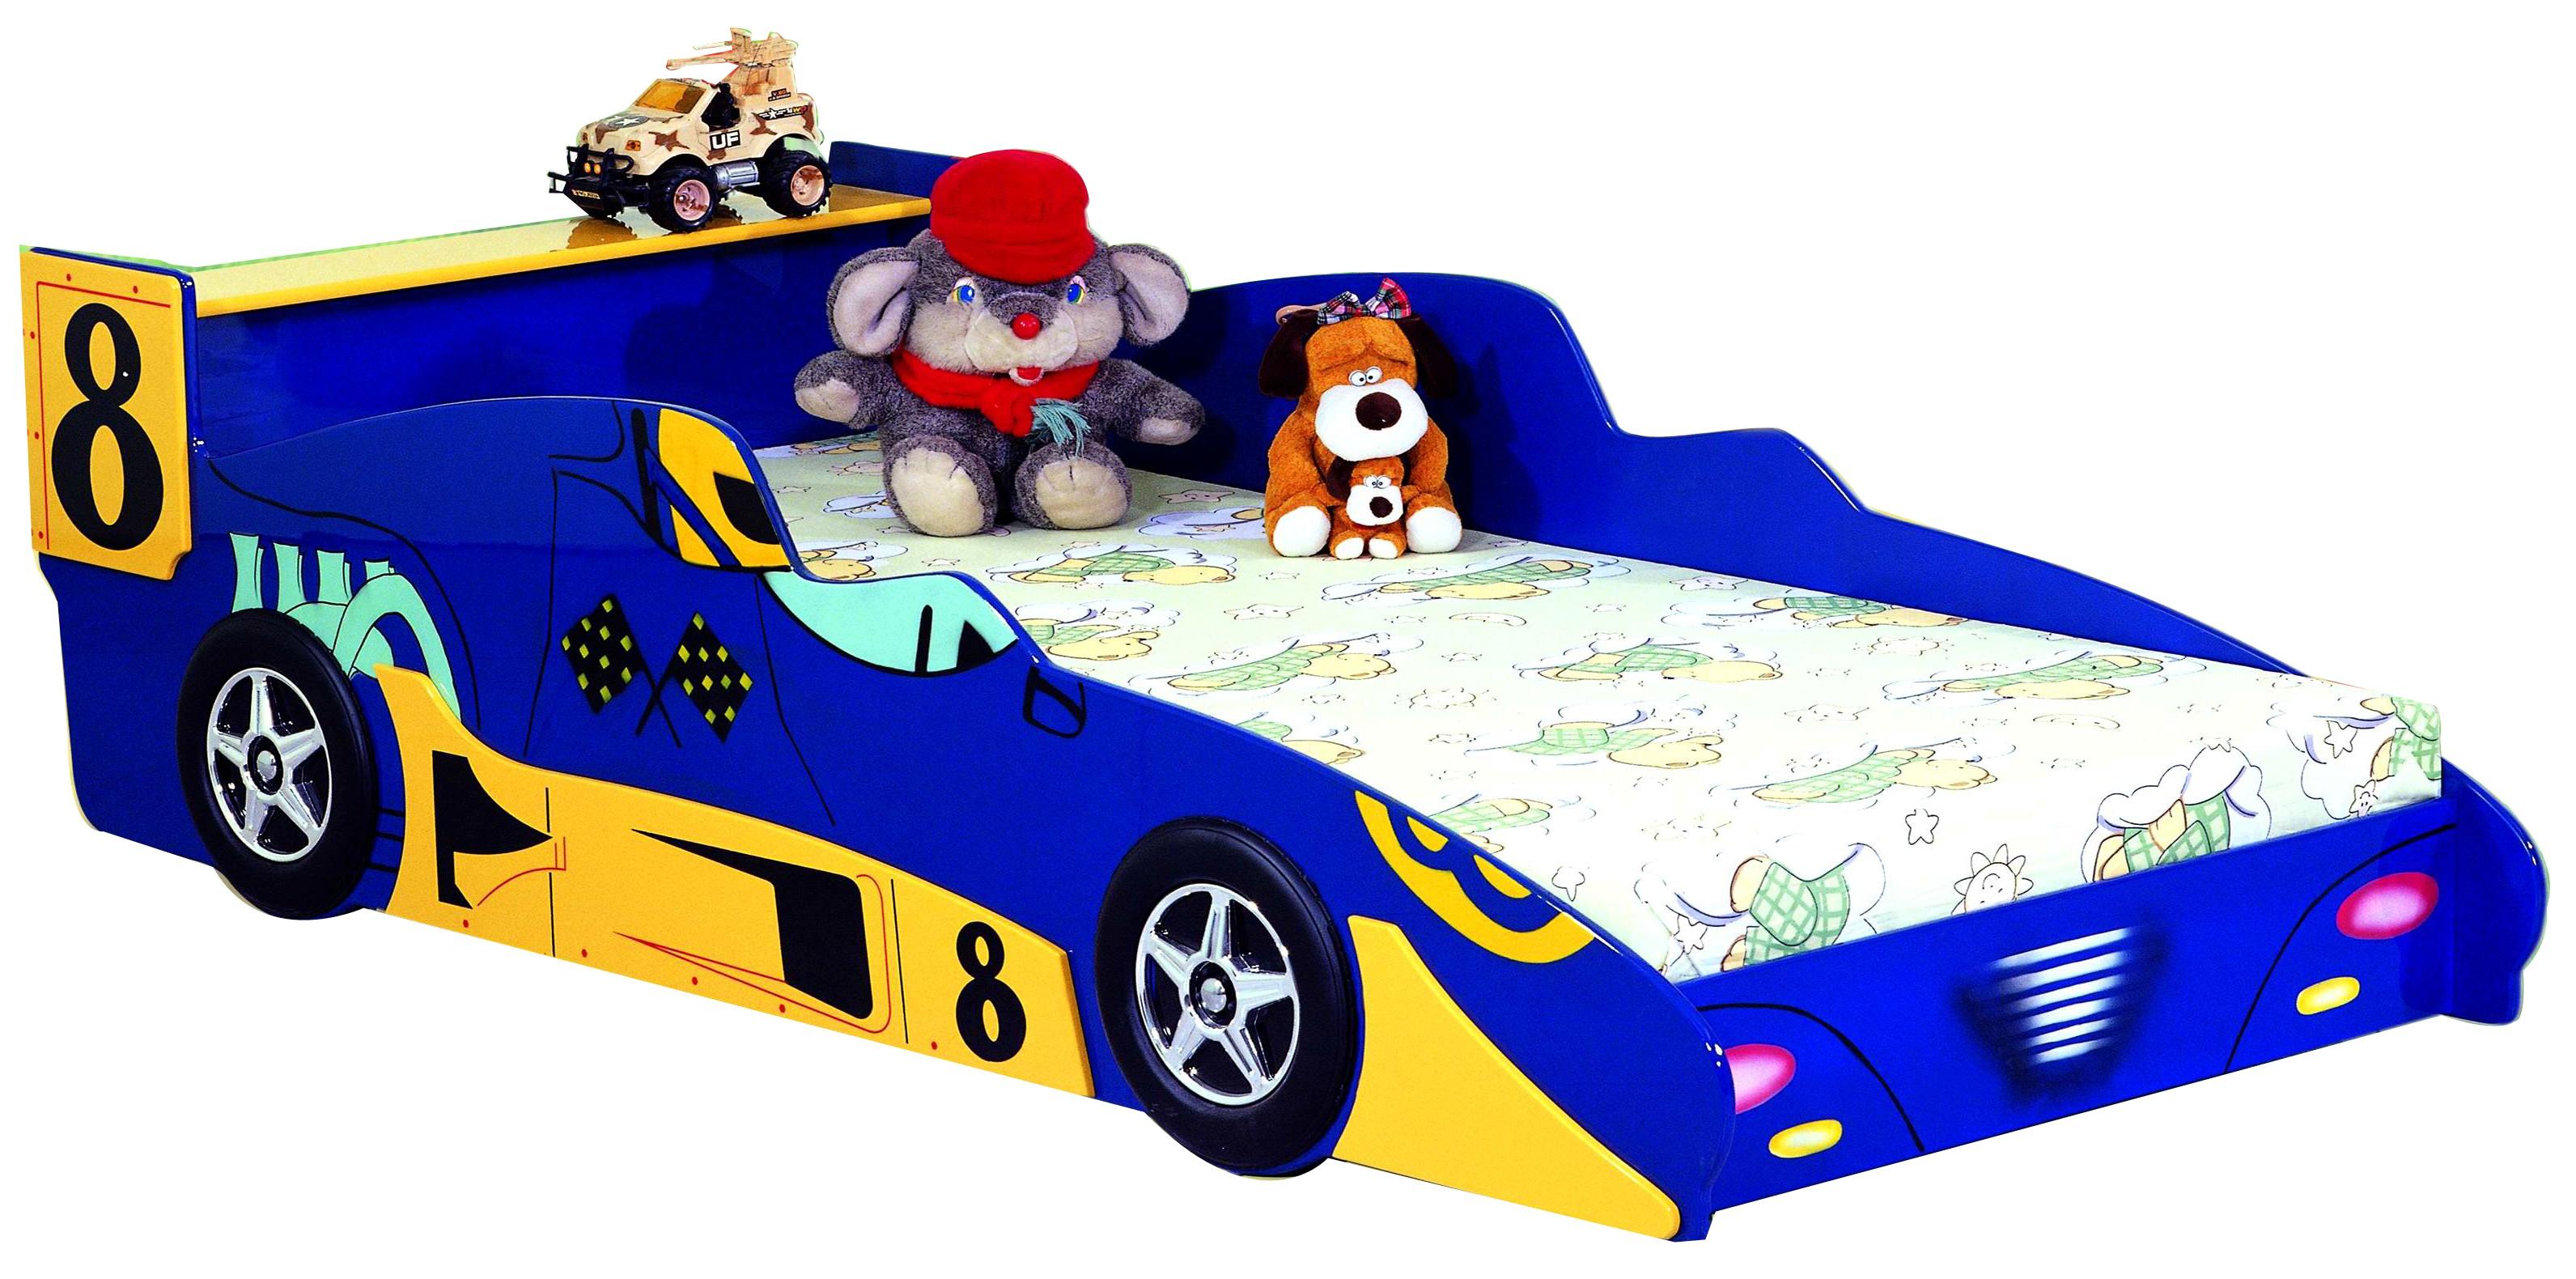 Кровать в виде машины детям от 3 лет